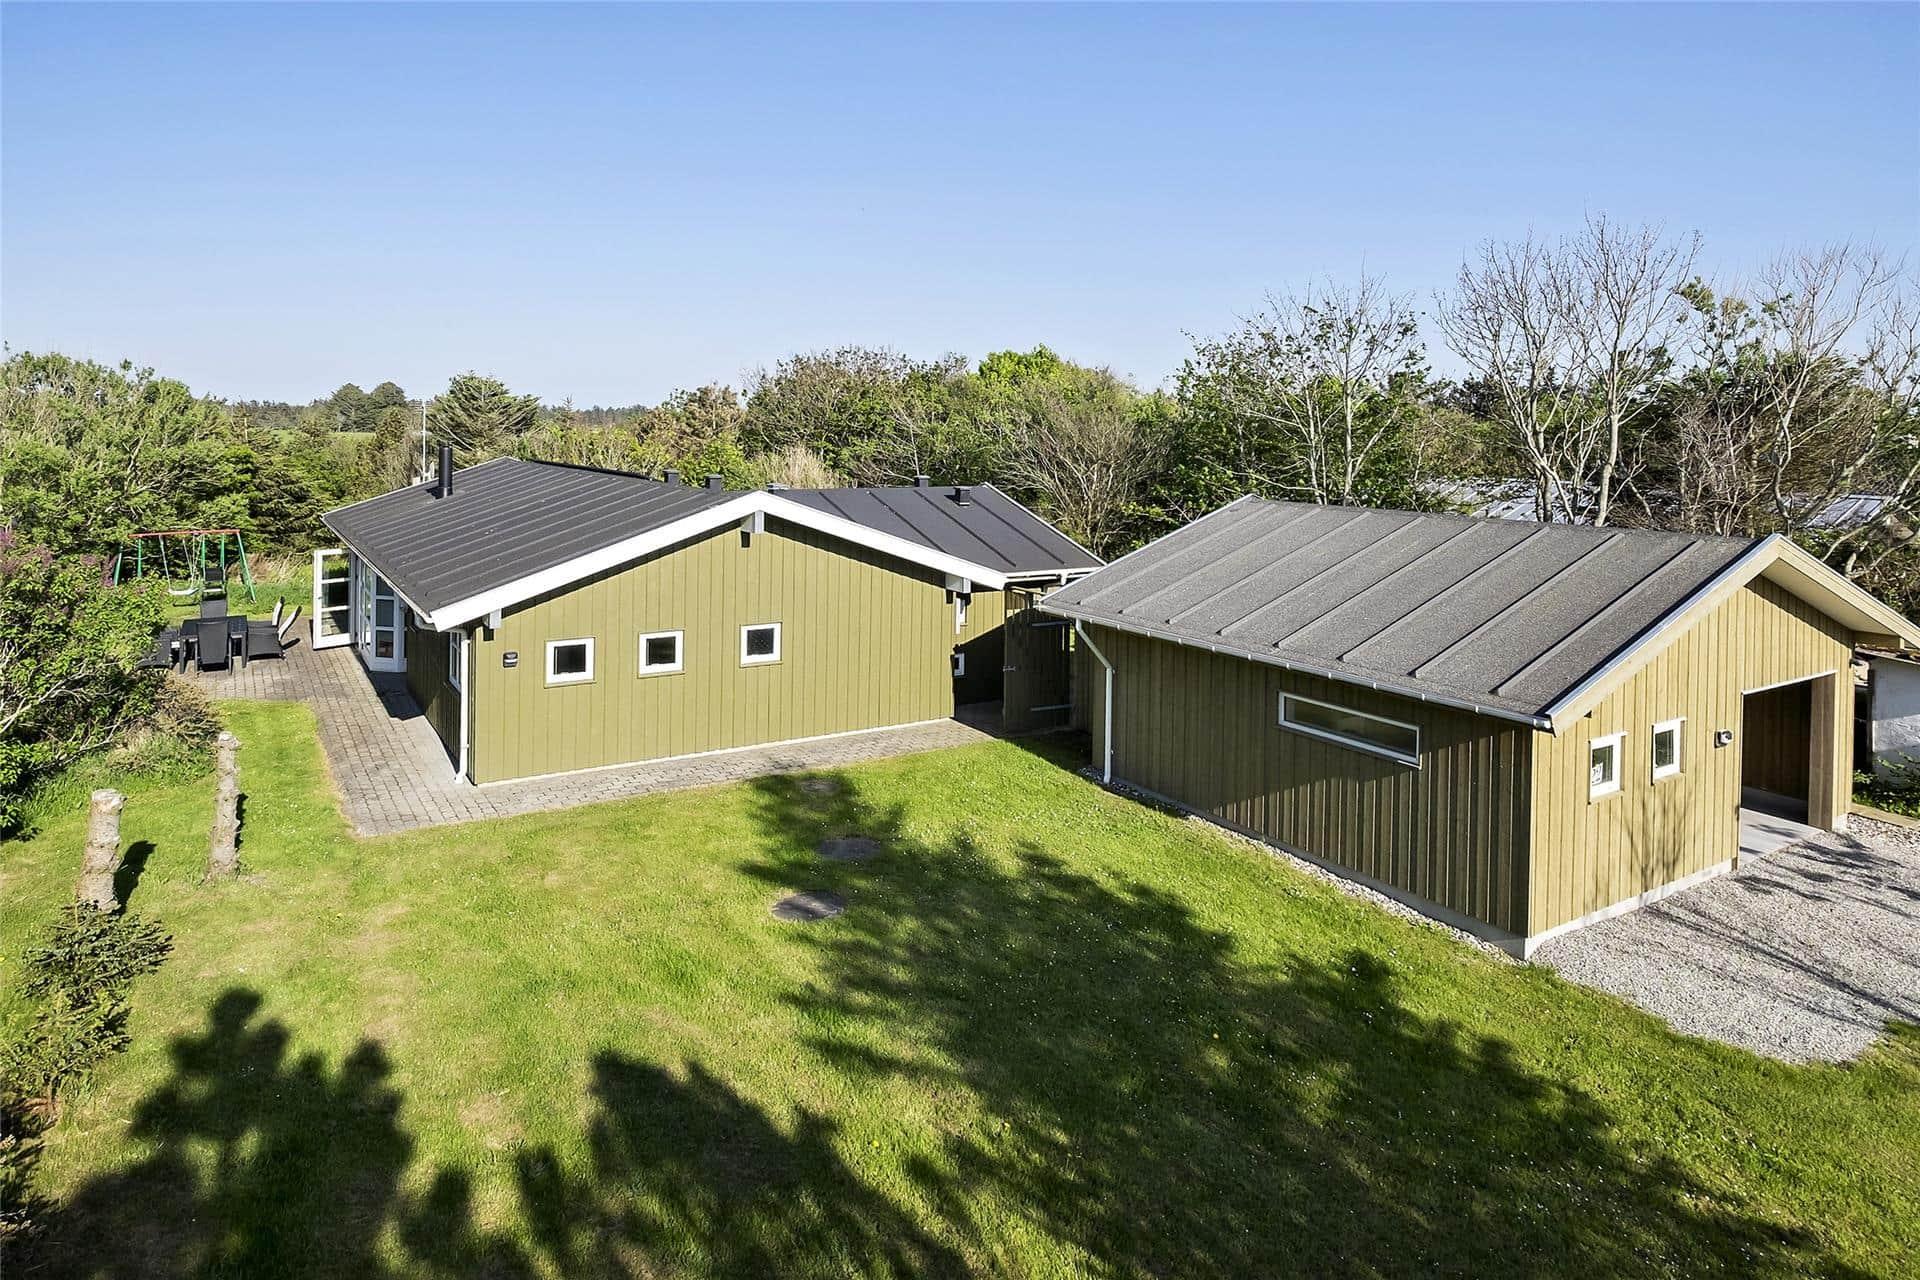 Billede 1-14 Sommerhus 725, Klitmarkvej 22, DK - 9800 Hjørring